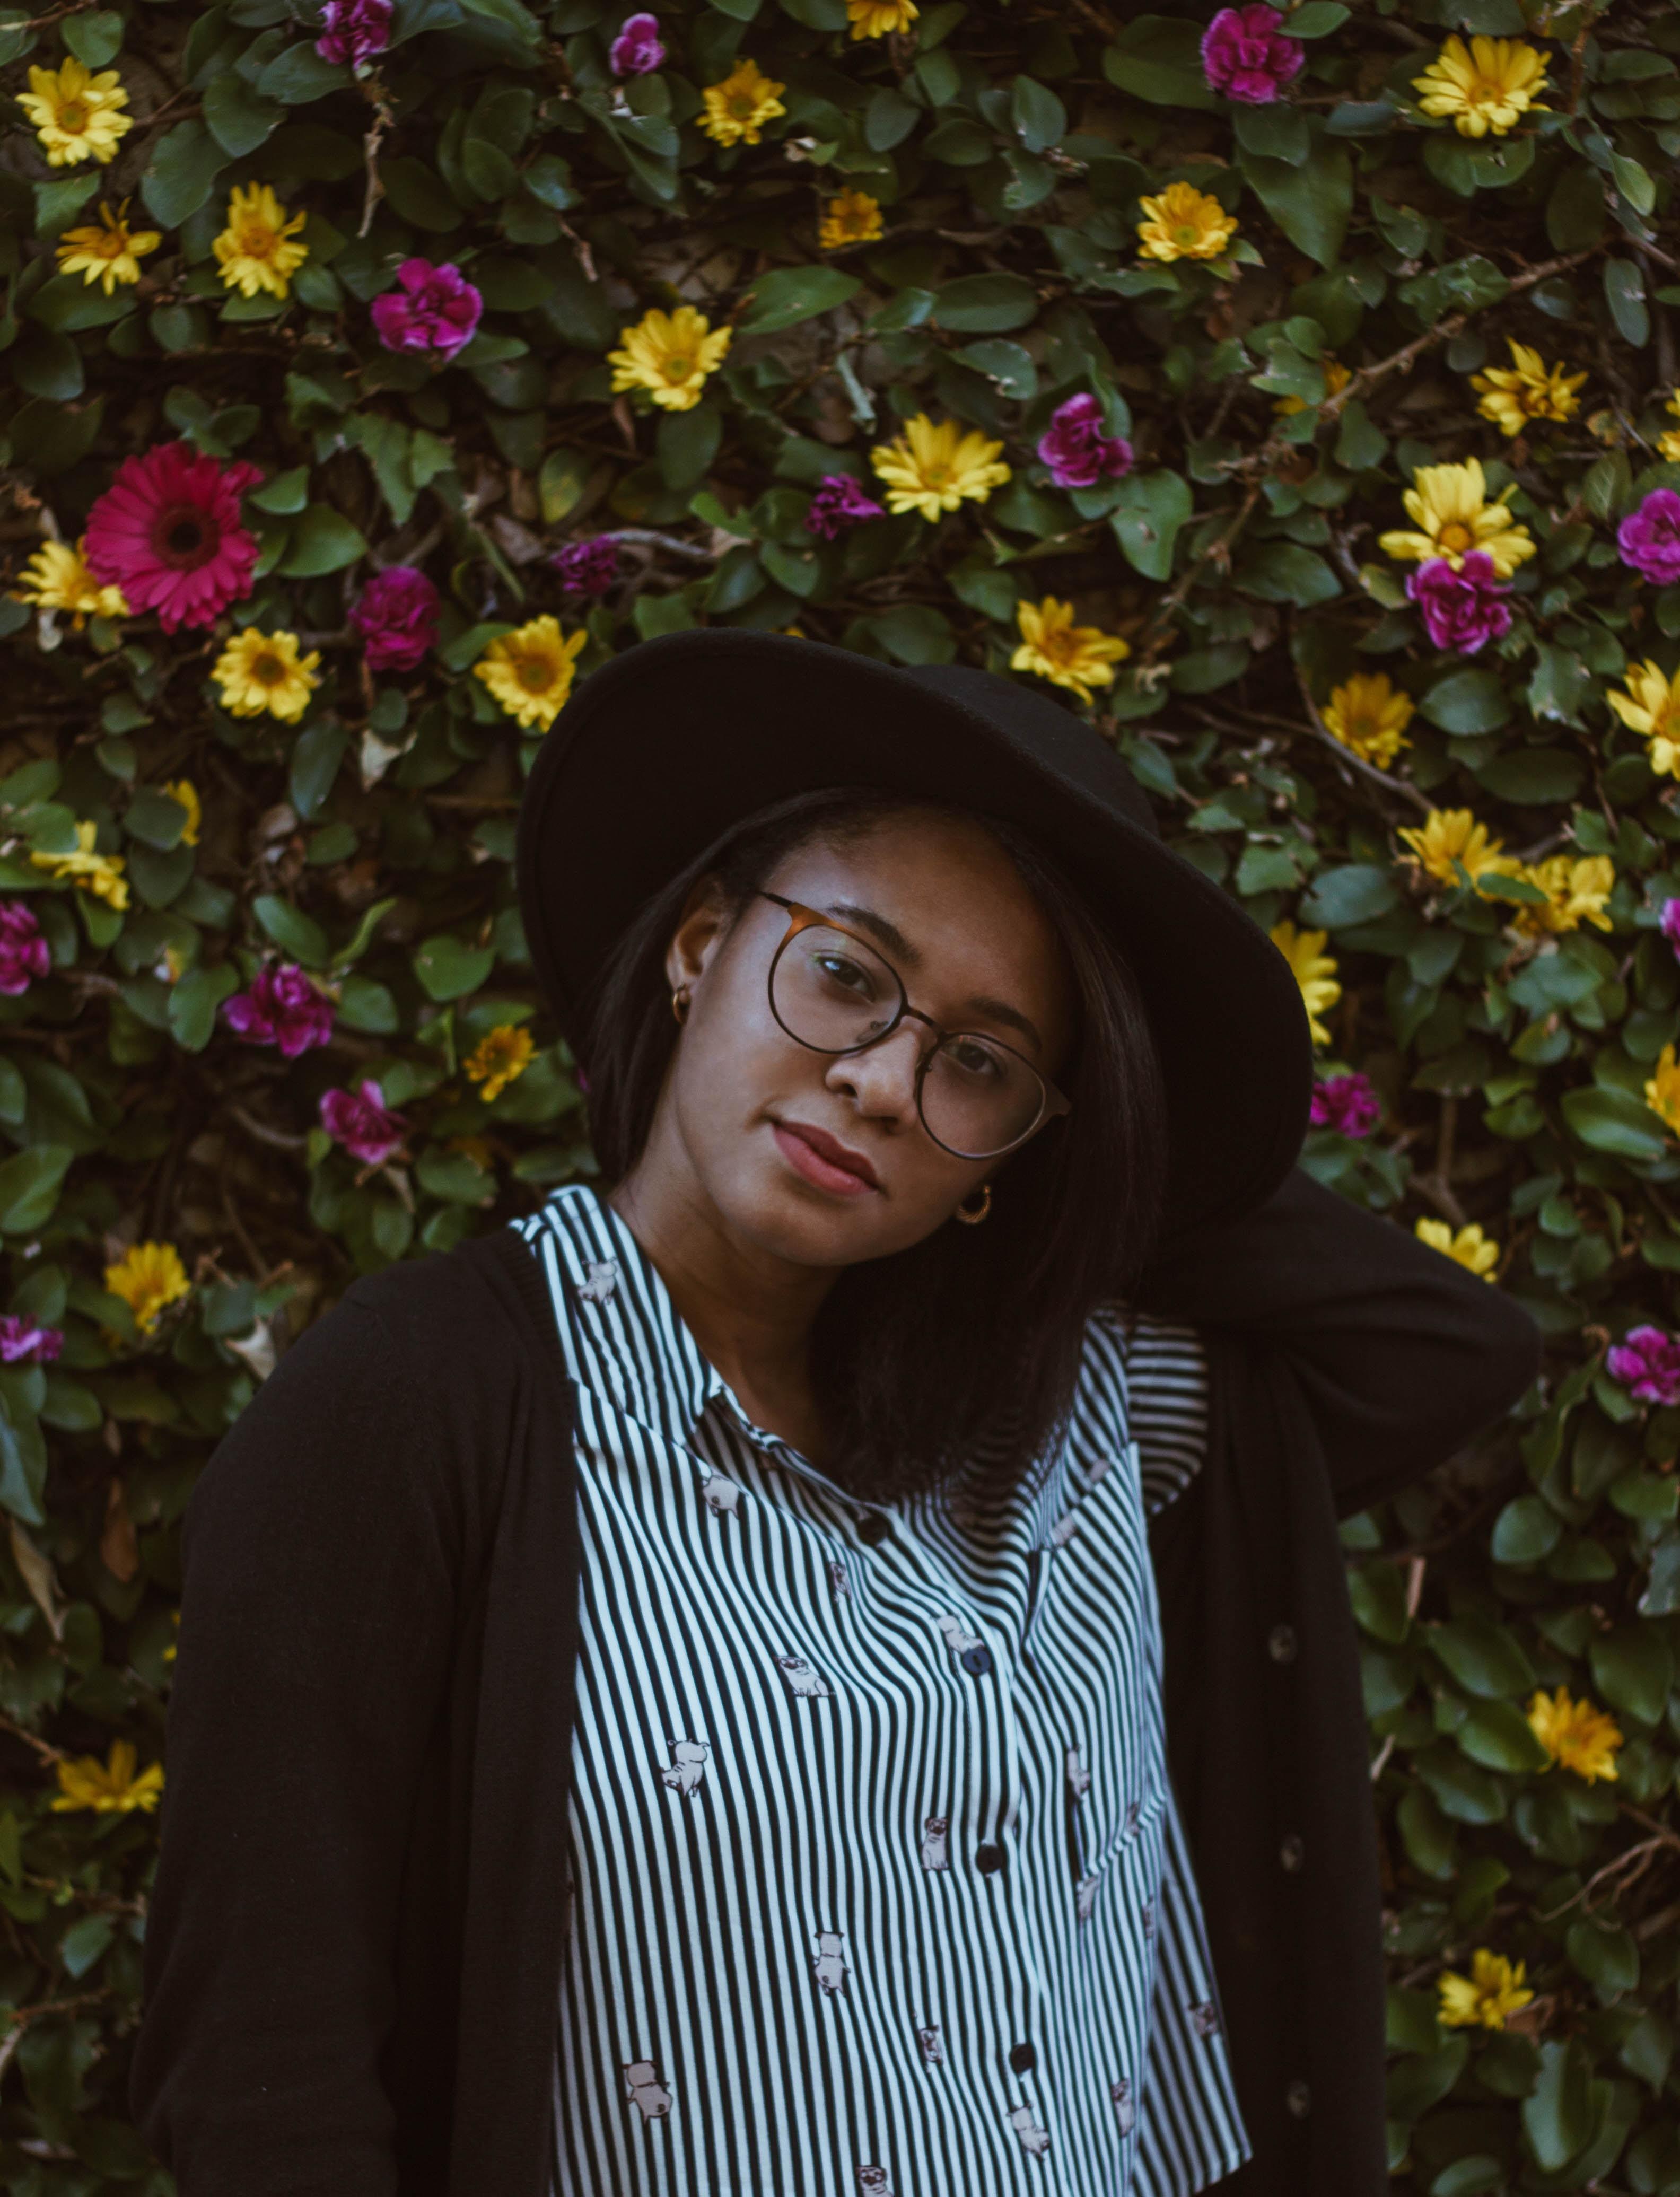 Go to Perla de los Santos's profile